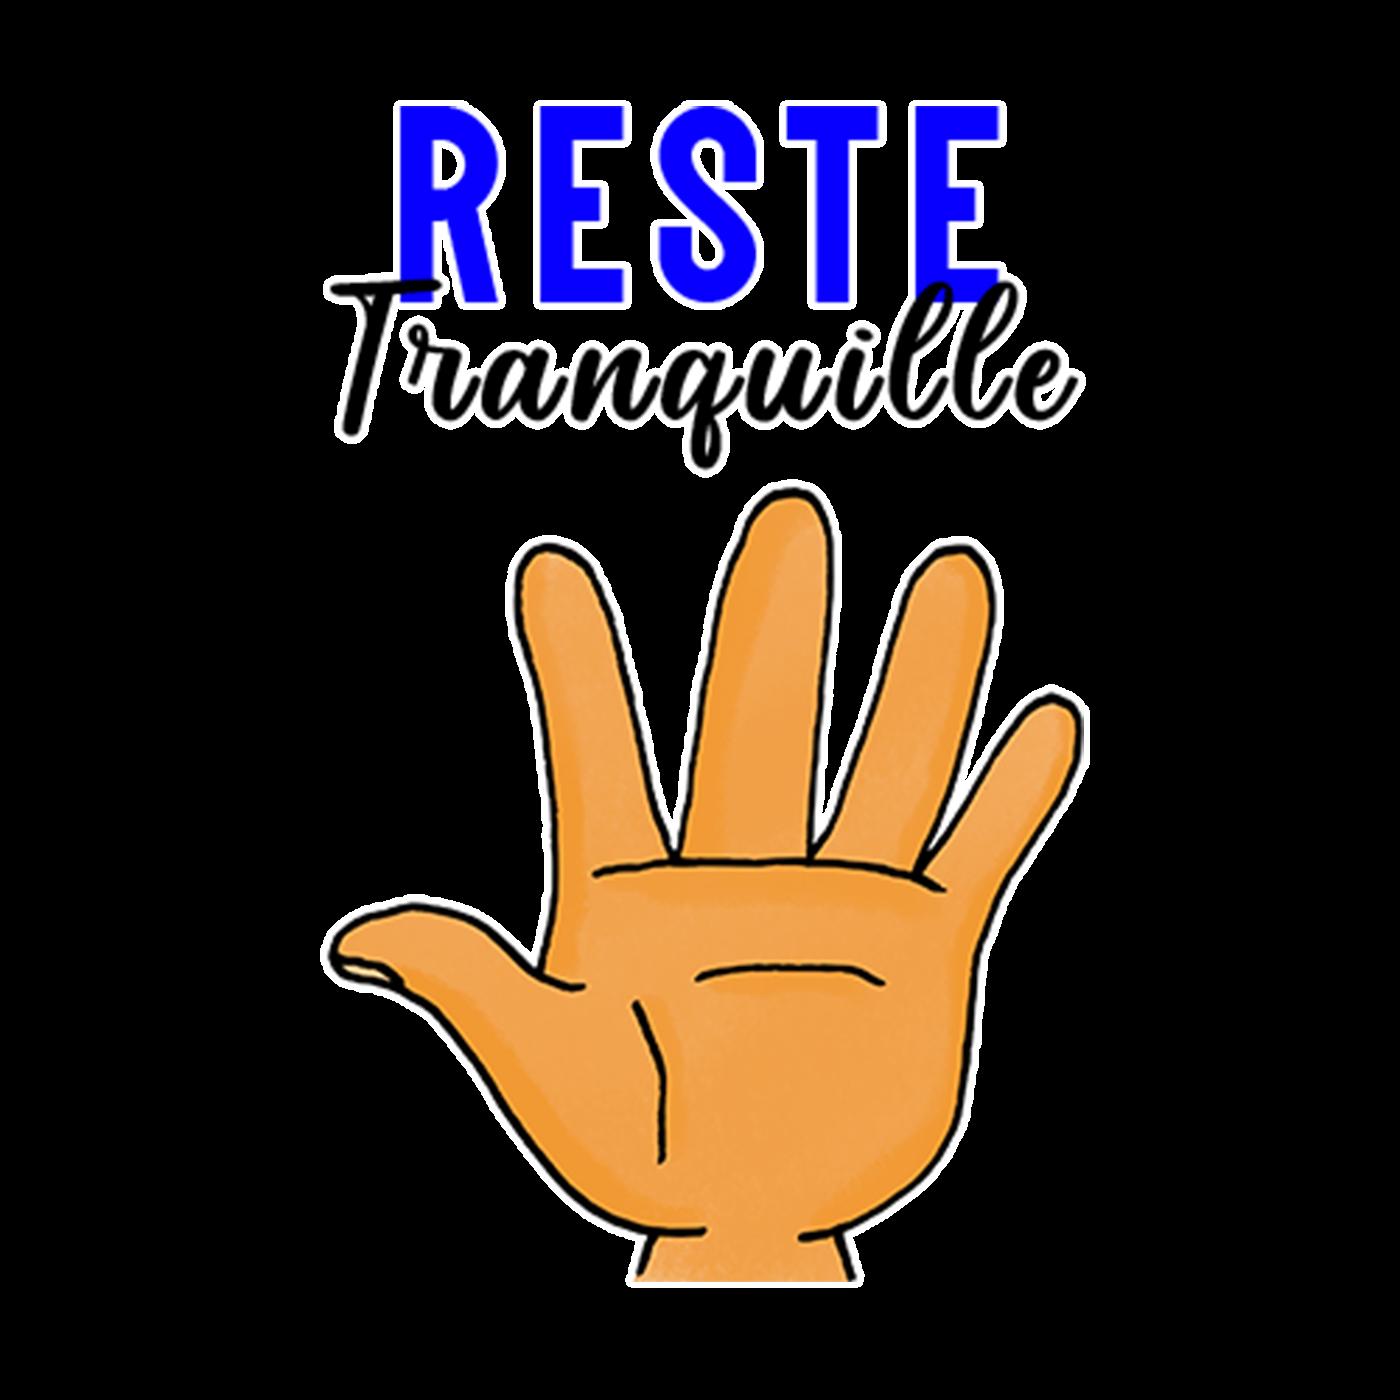 Reste Tranquille - Mer. 15 Sept. 2021